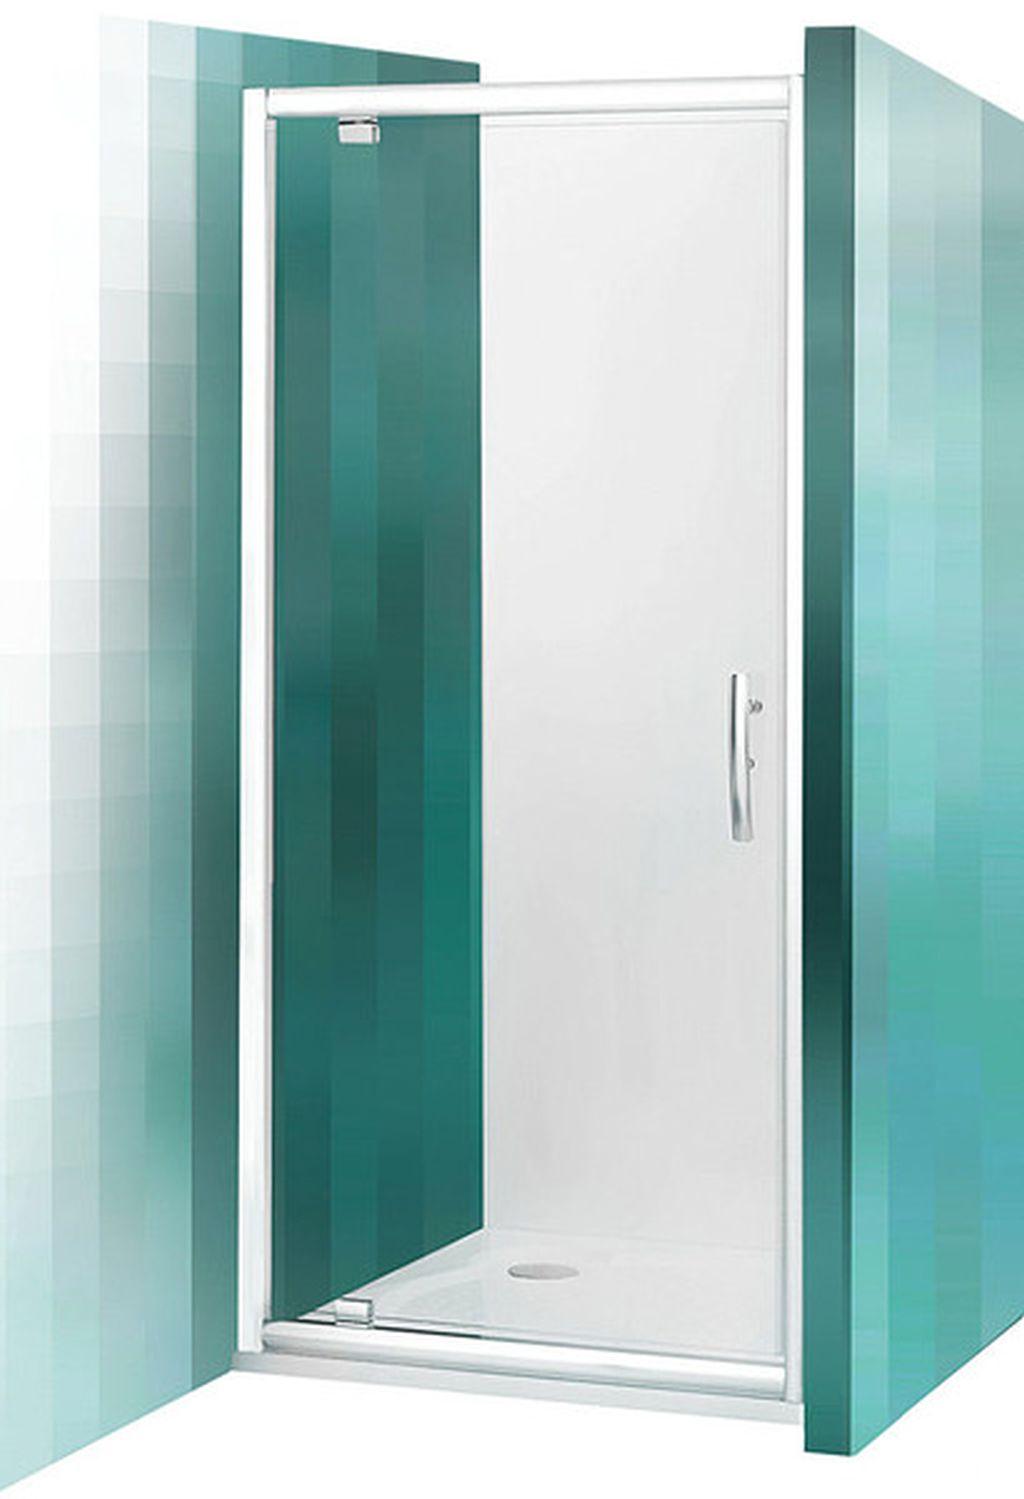 ROLTECHNIK Sprchové dveře jednokřídlé PXDO1N/800 brillant/transparent 525-8000000-00-02